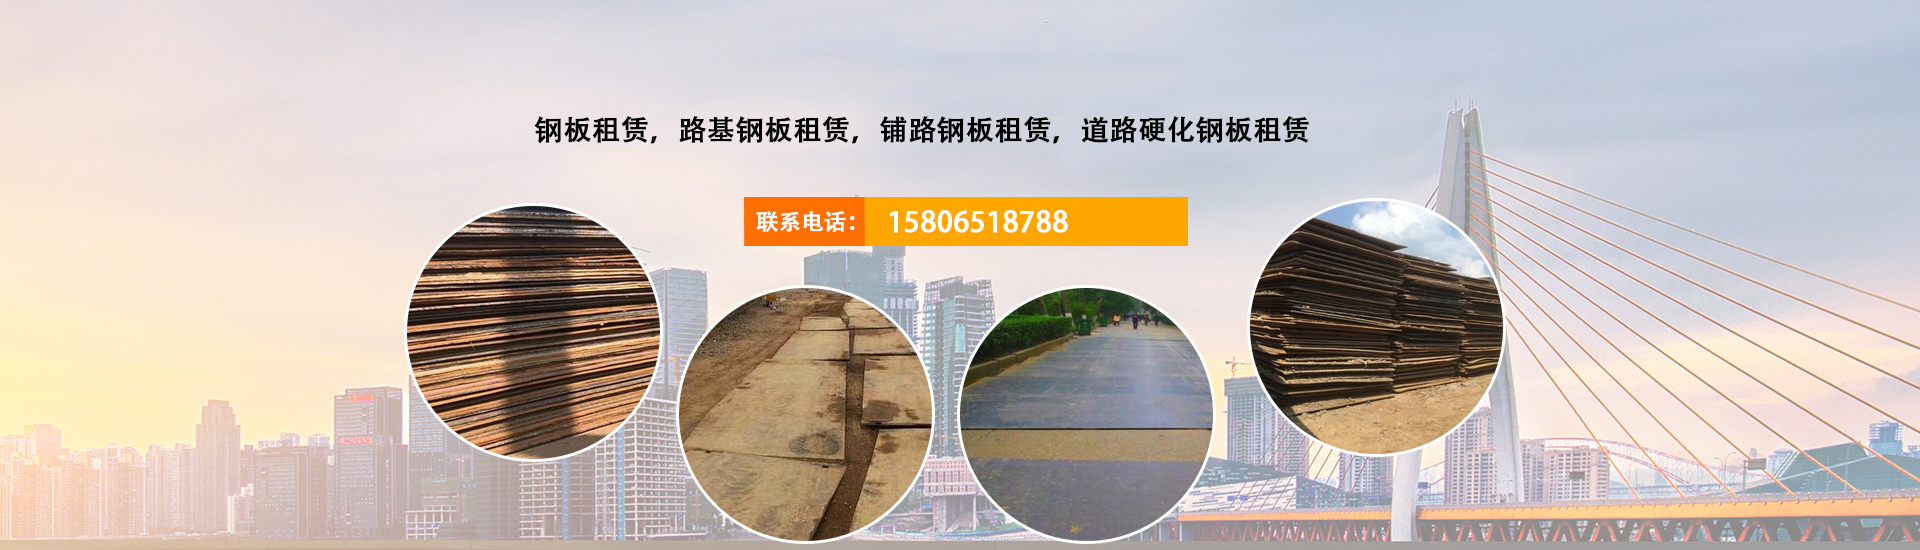 青岛铺路钢板租赁